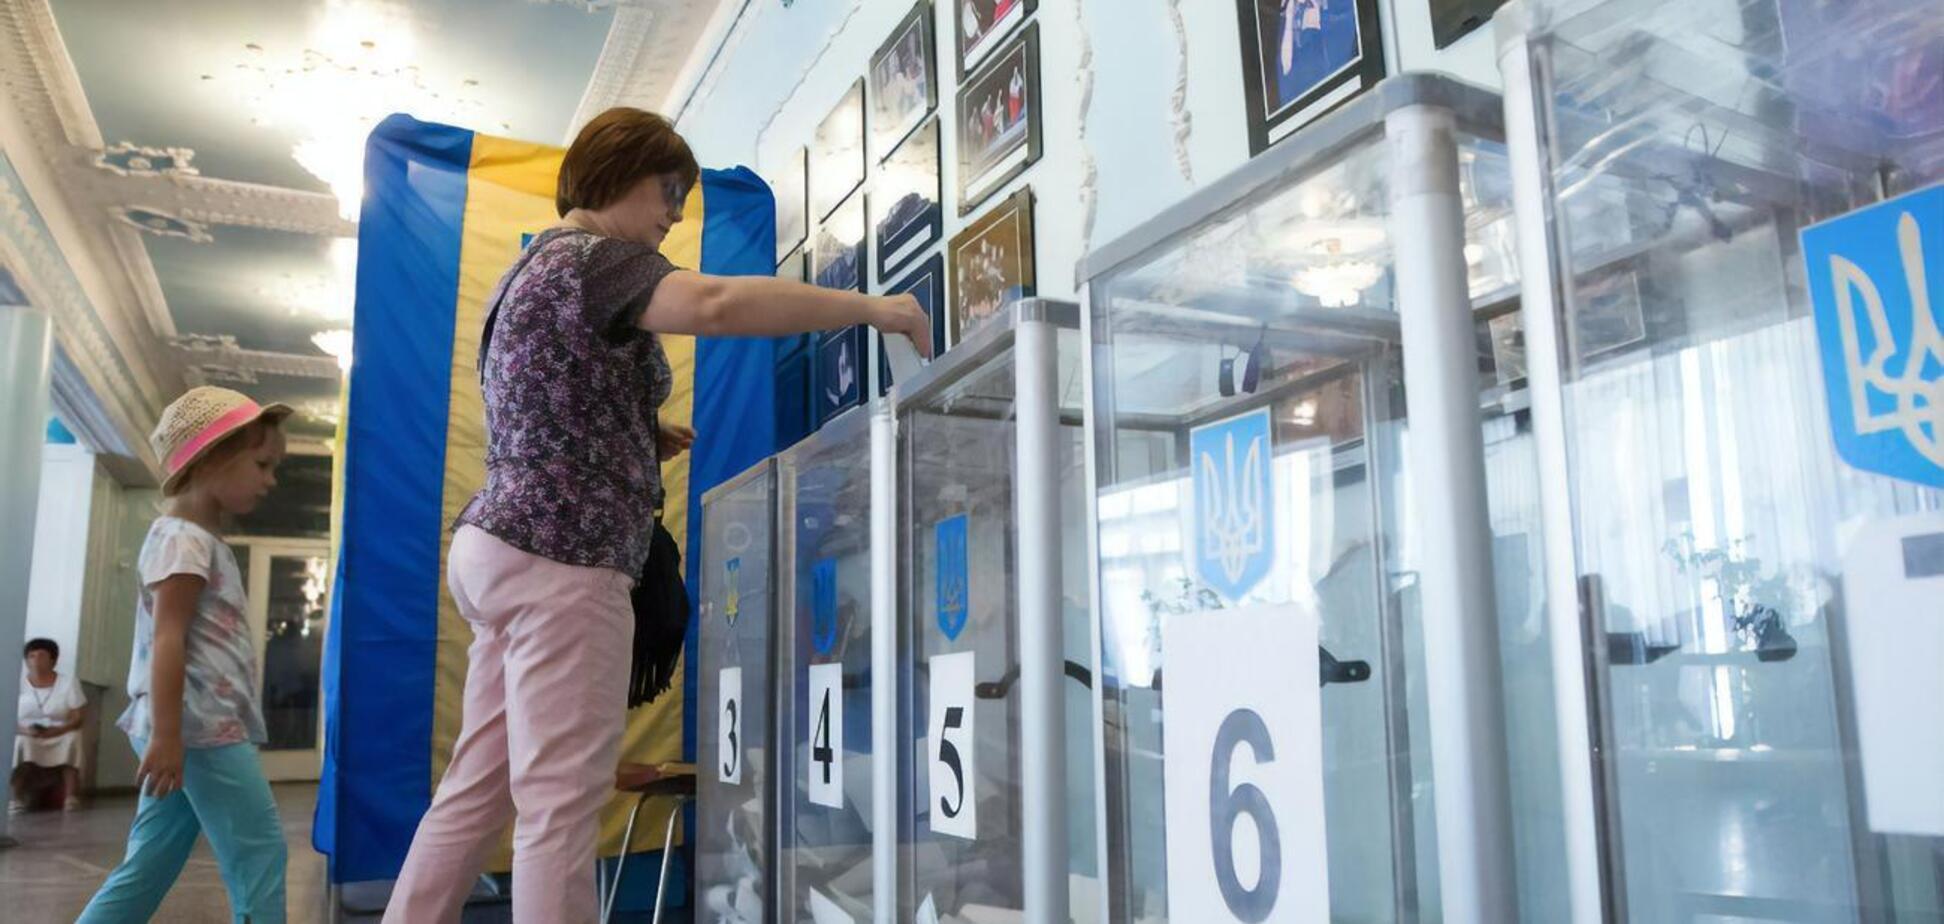 Зміна місця голосування на місцевих виборах 25 жовтня актуальна для людей, які живуть не за місцем реєстрації